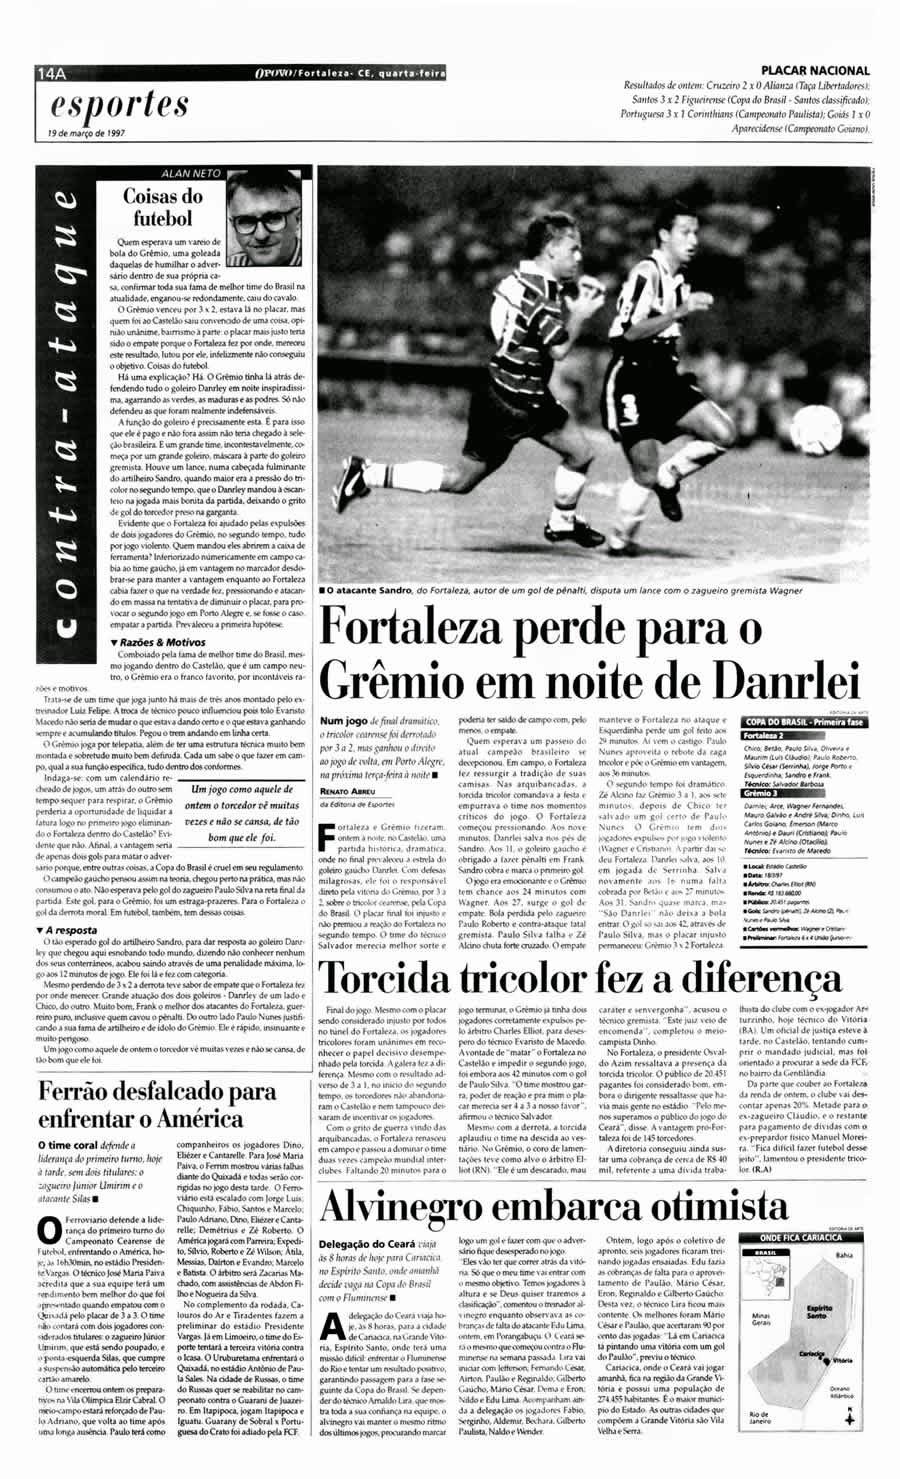 Copa do Brasil 1997  O dia em que Sandro Preischdat mostrou ao goleiro  gremista Darnlei seu cartão de visita  um gol 2f3b3812cf9b7